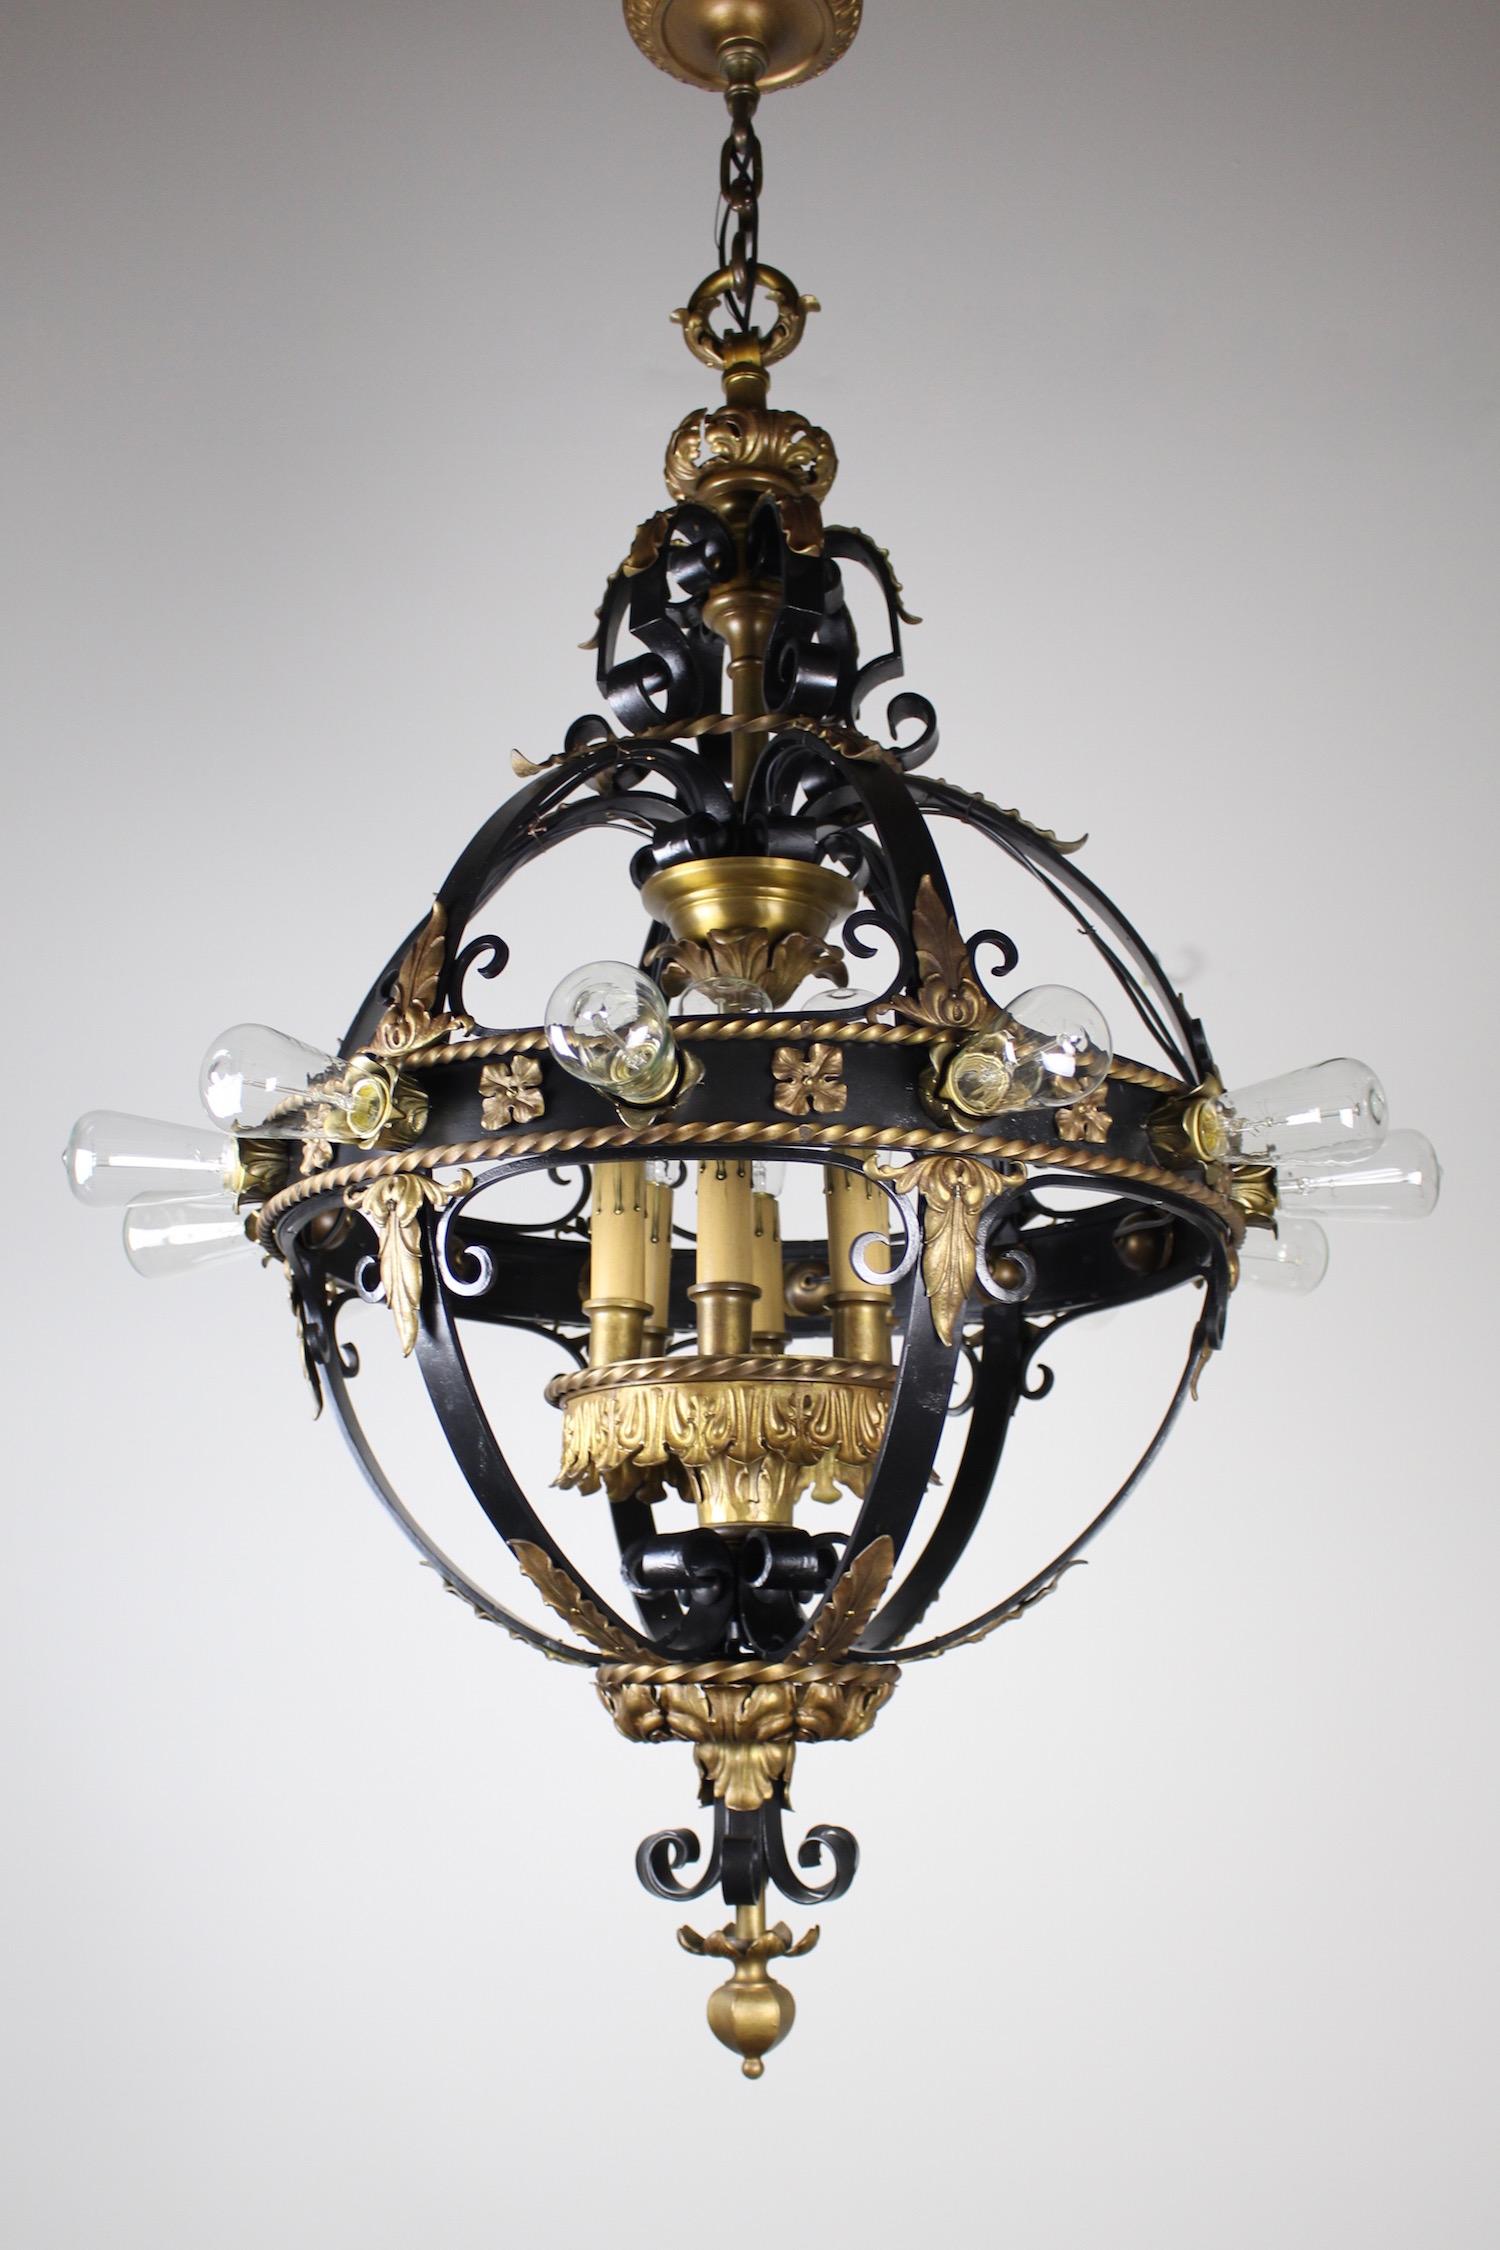 Italian Renaissance Flush Mount Stair Lantern 18 Lights